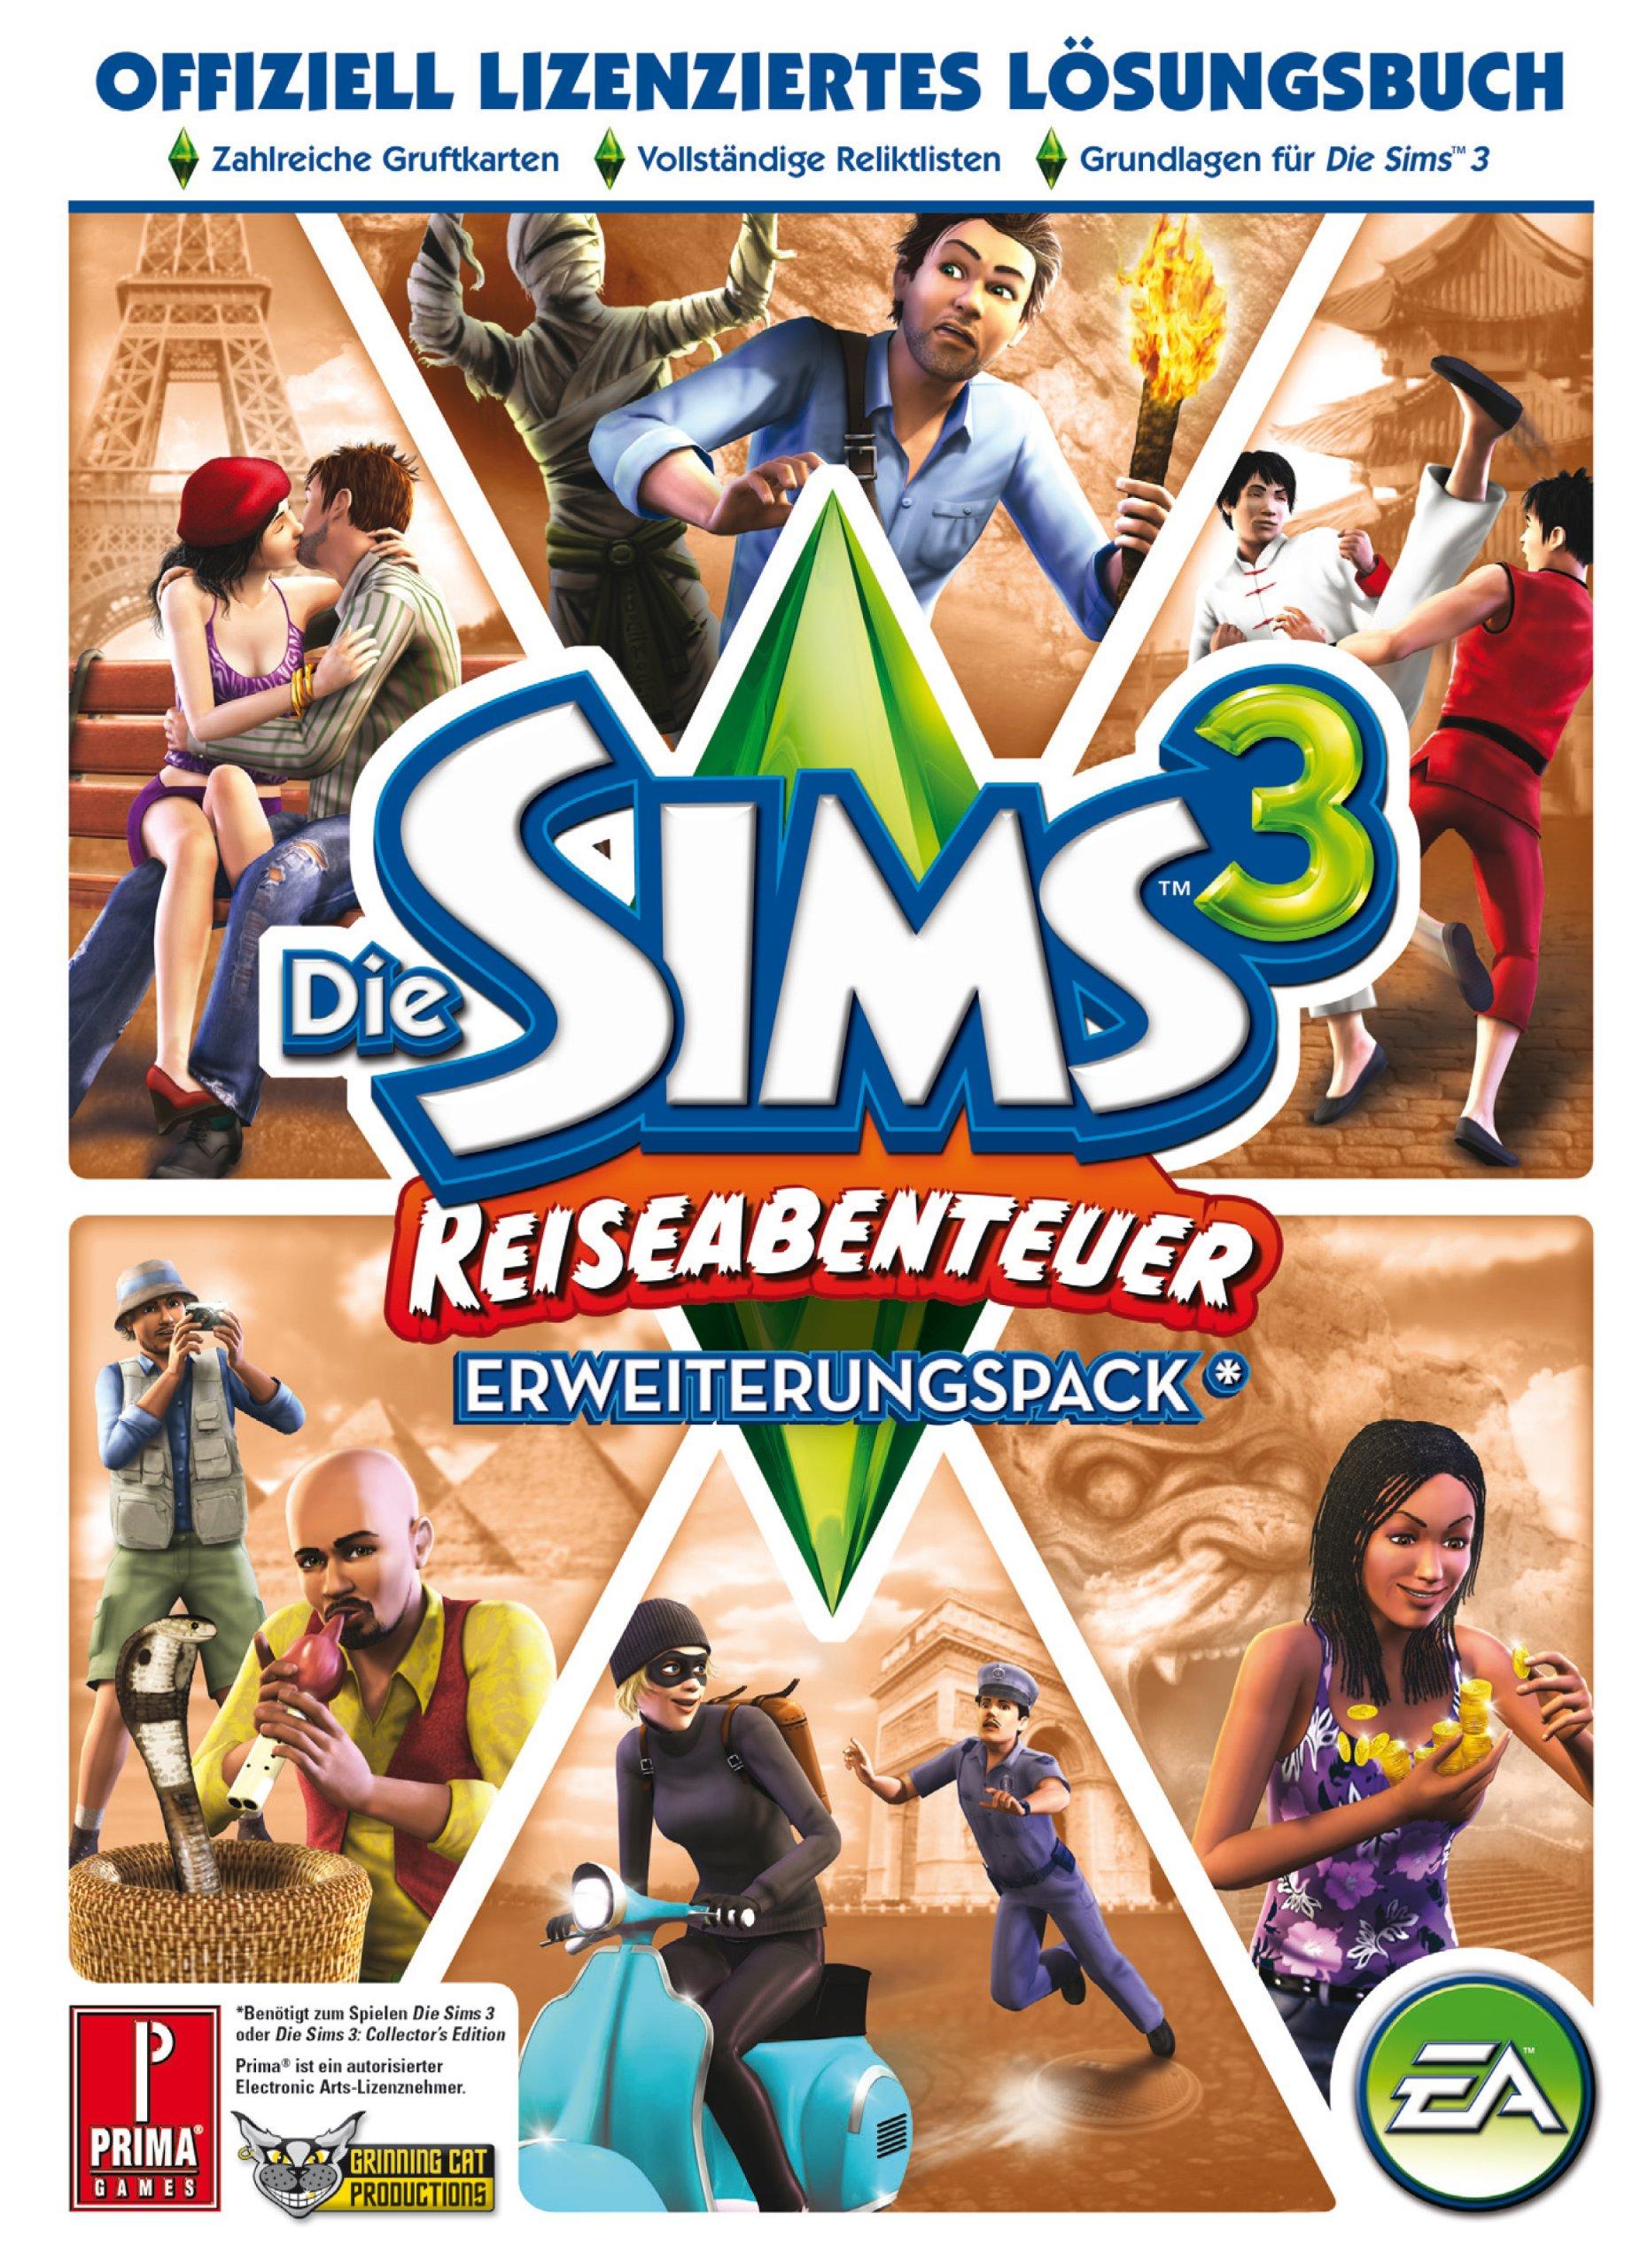 die-sims-3-reiseabenteuer-lsungsbuch